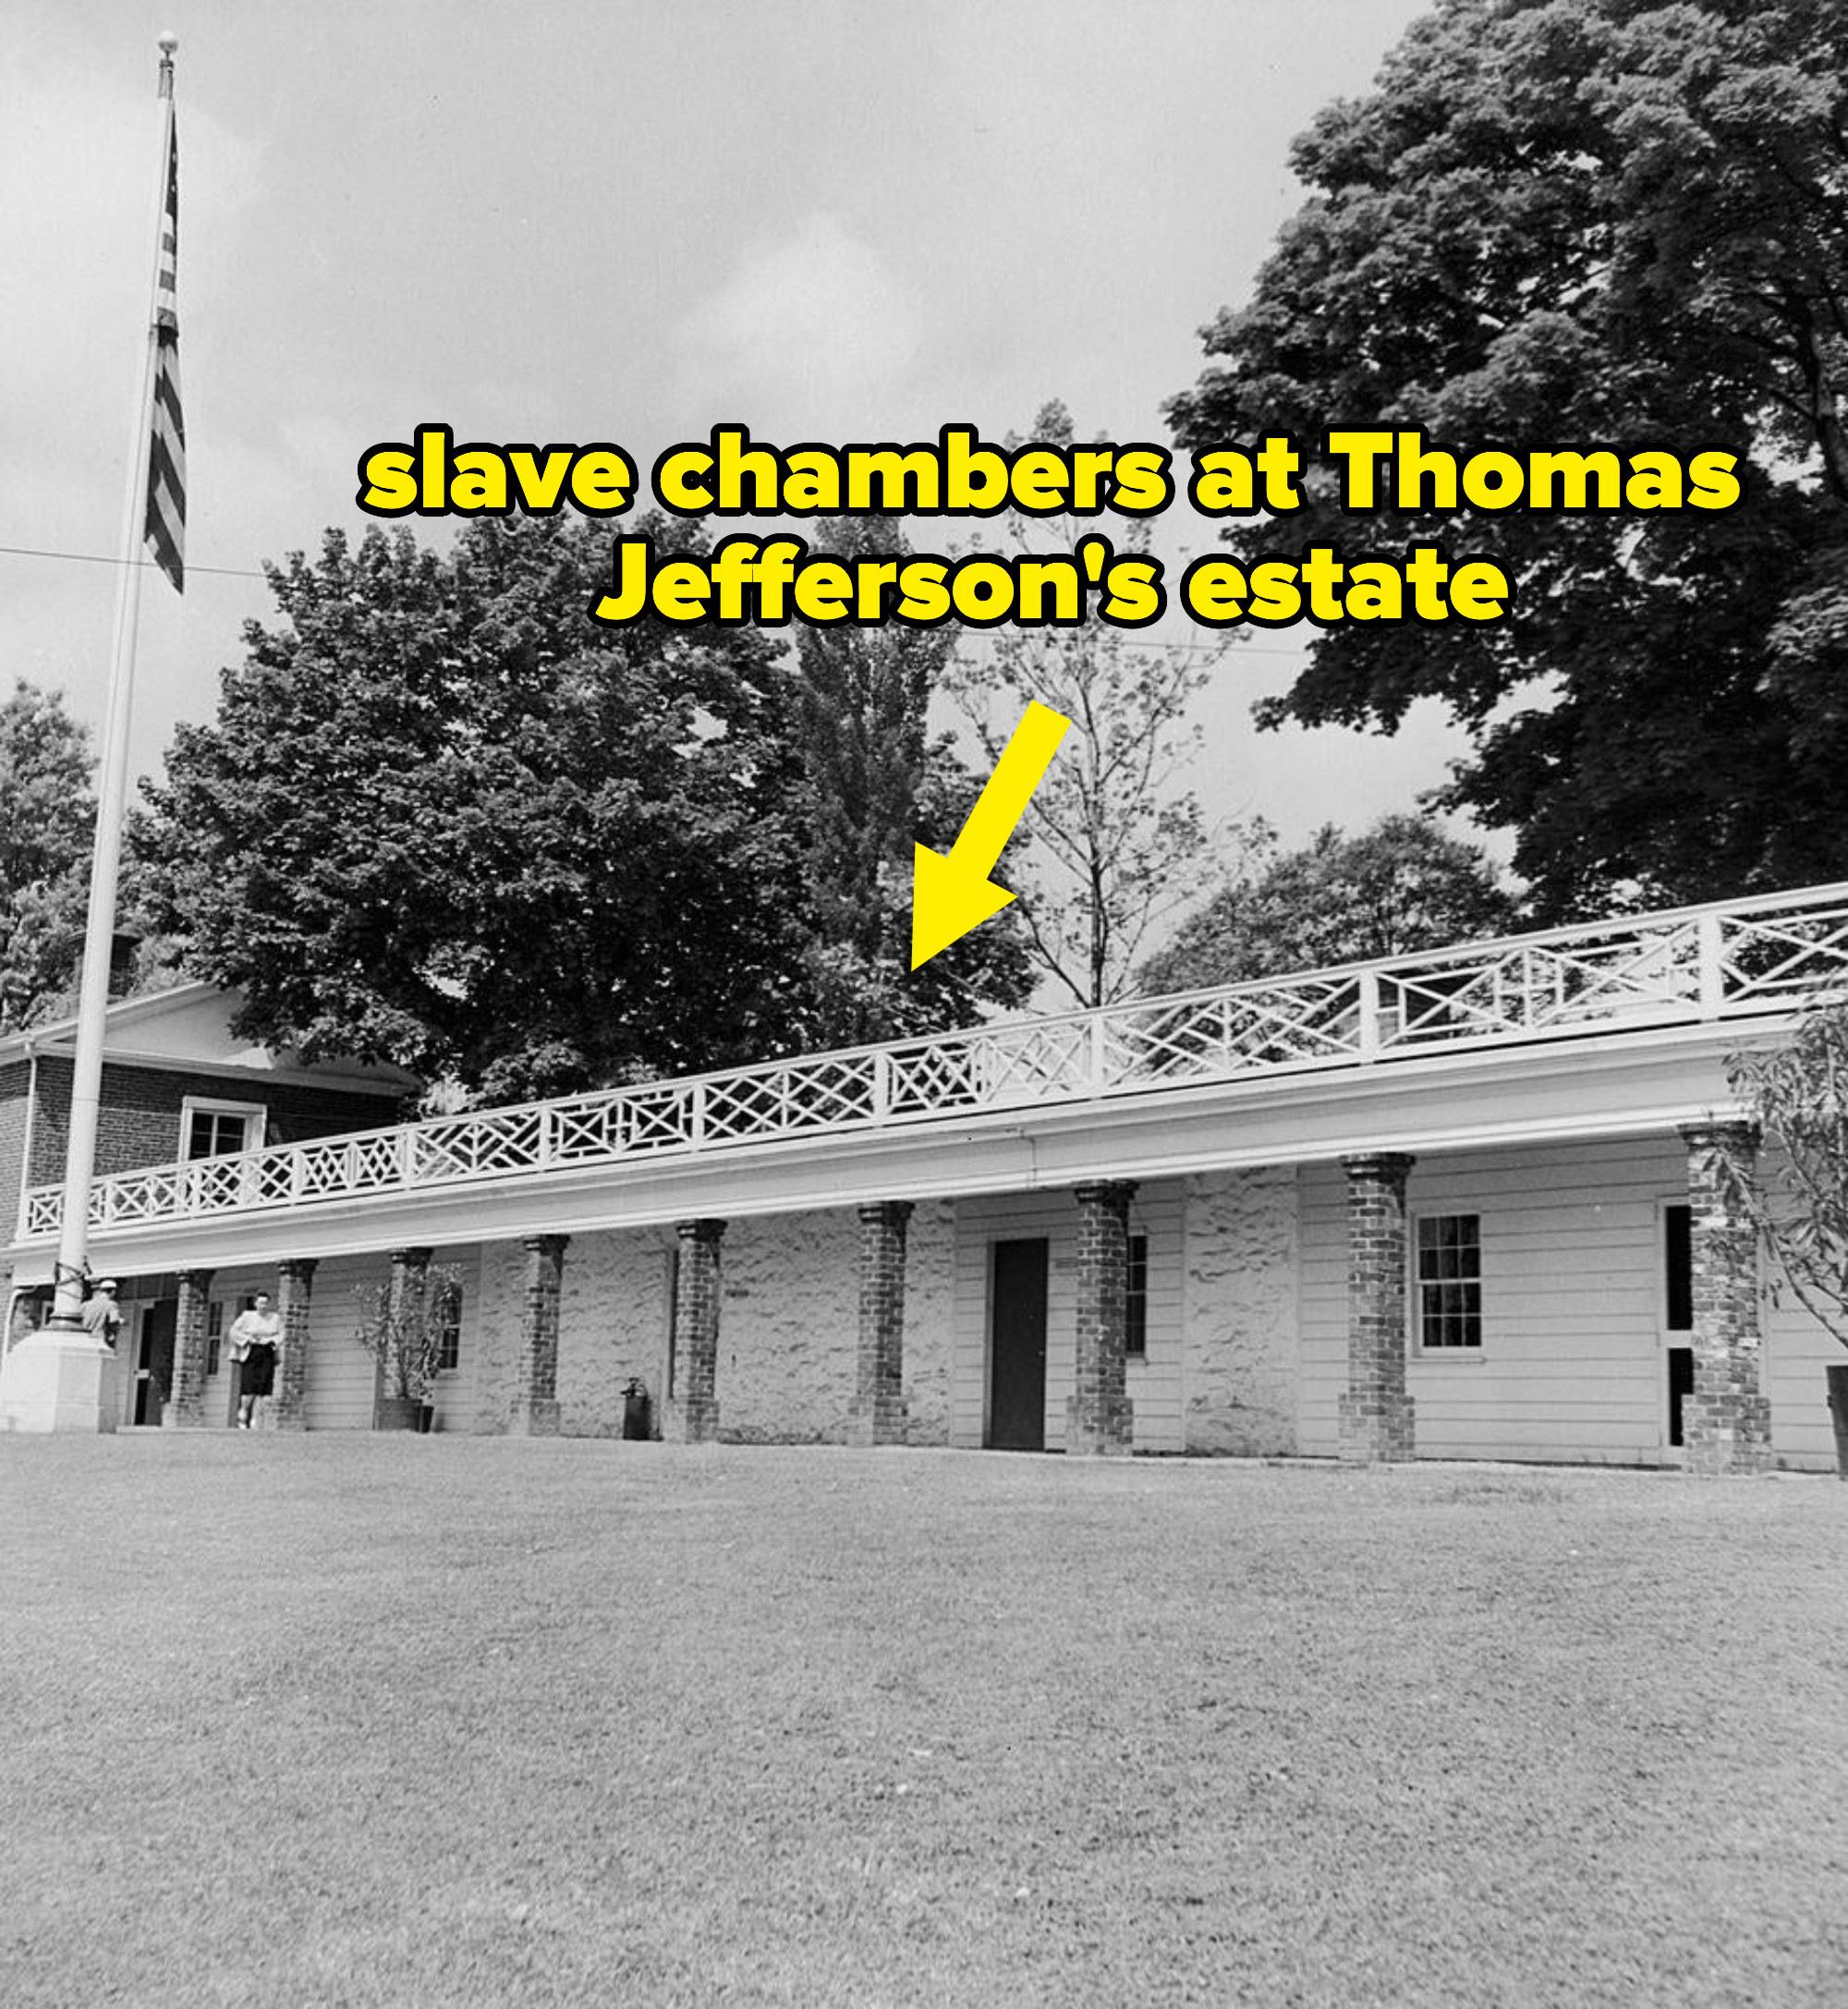 slave quarters atJefferson's estate